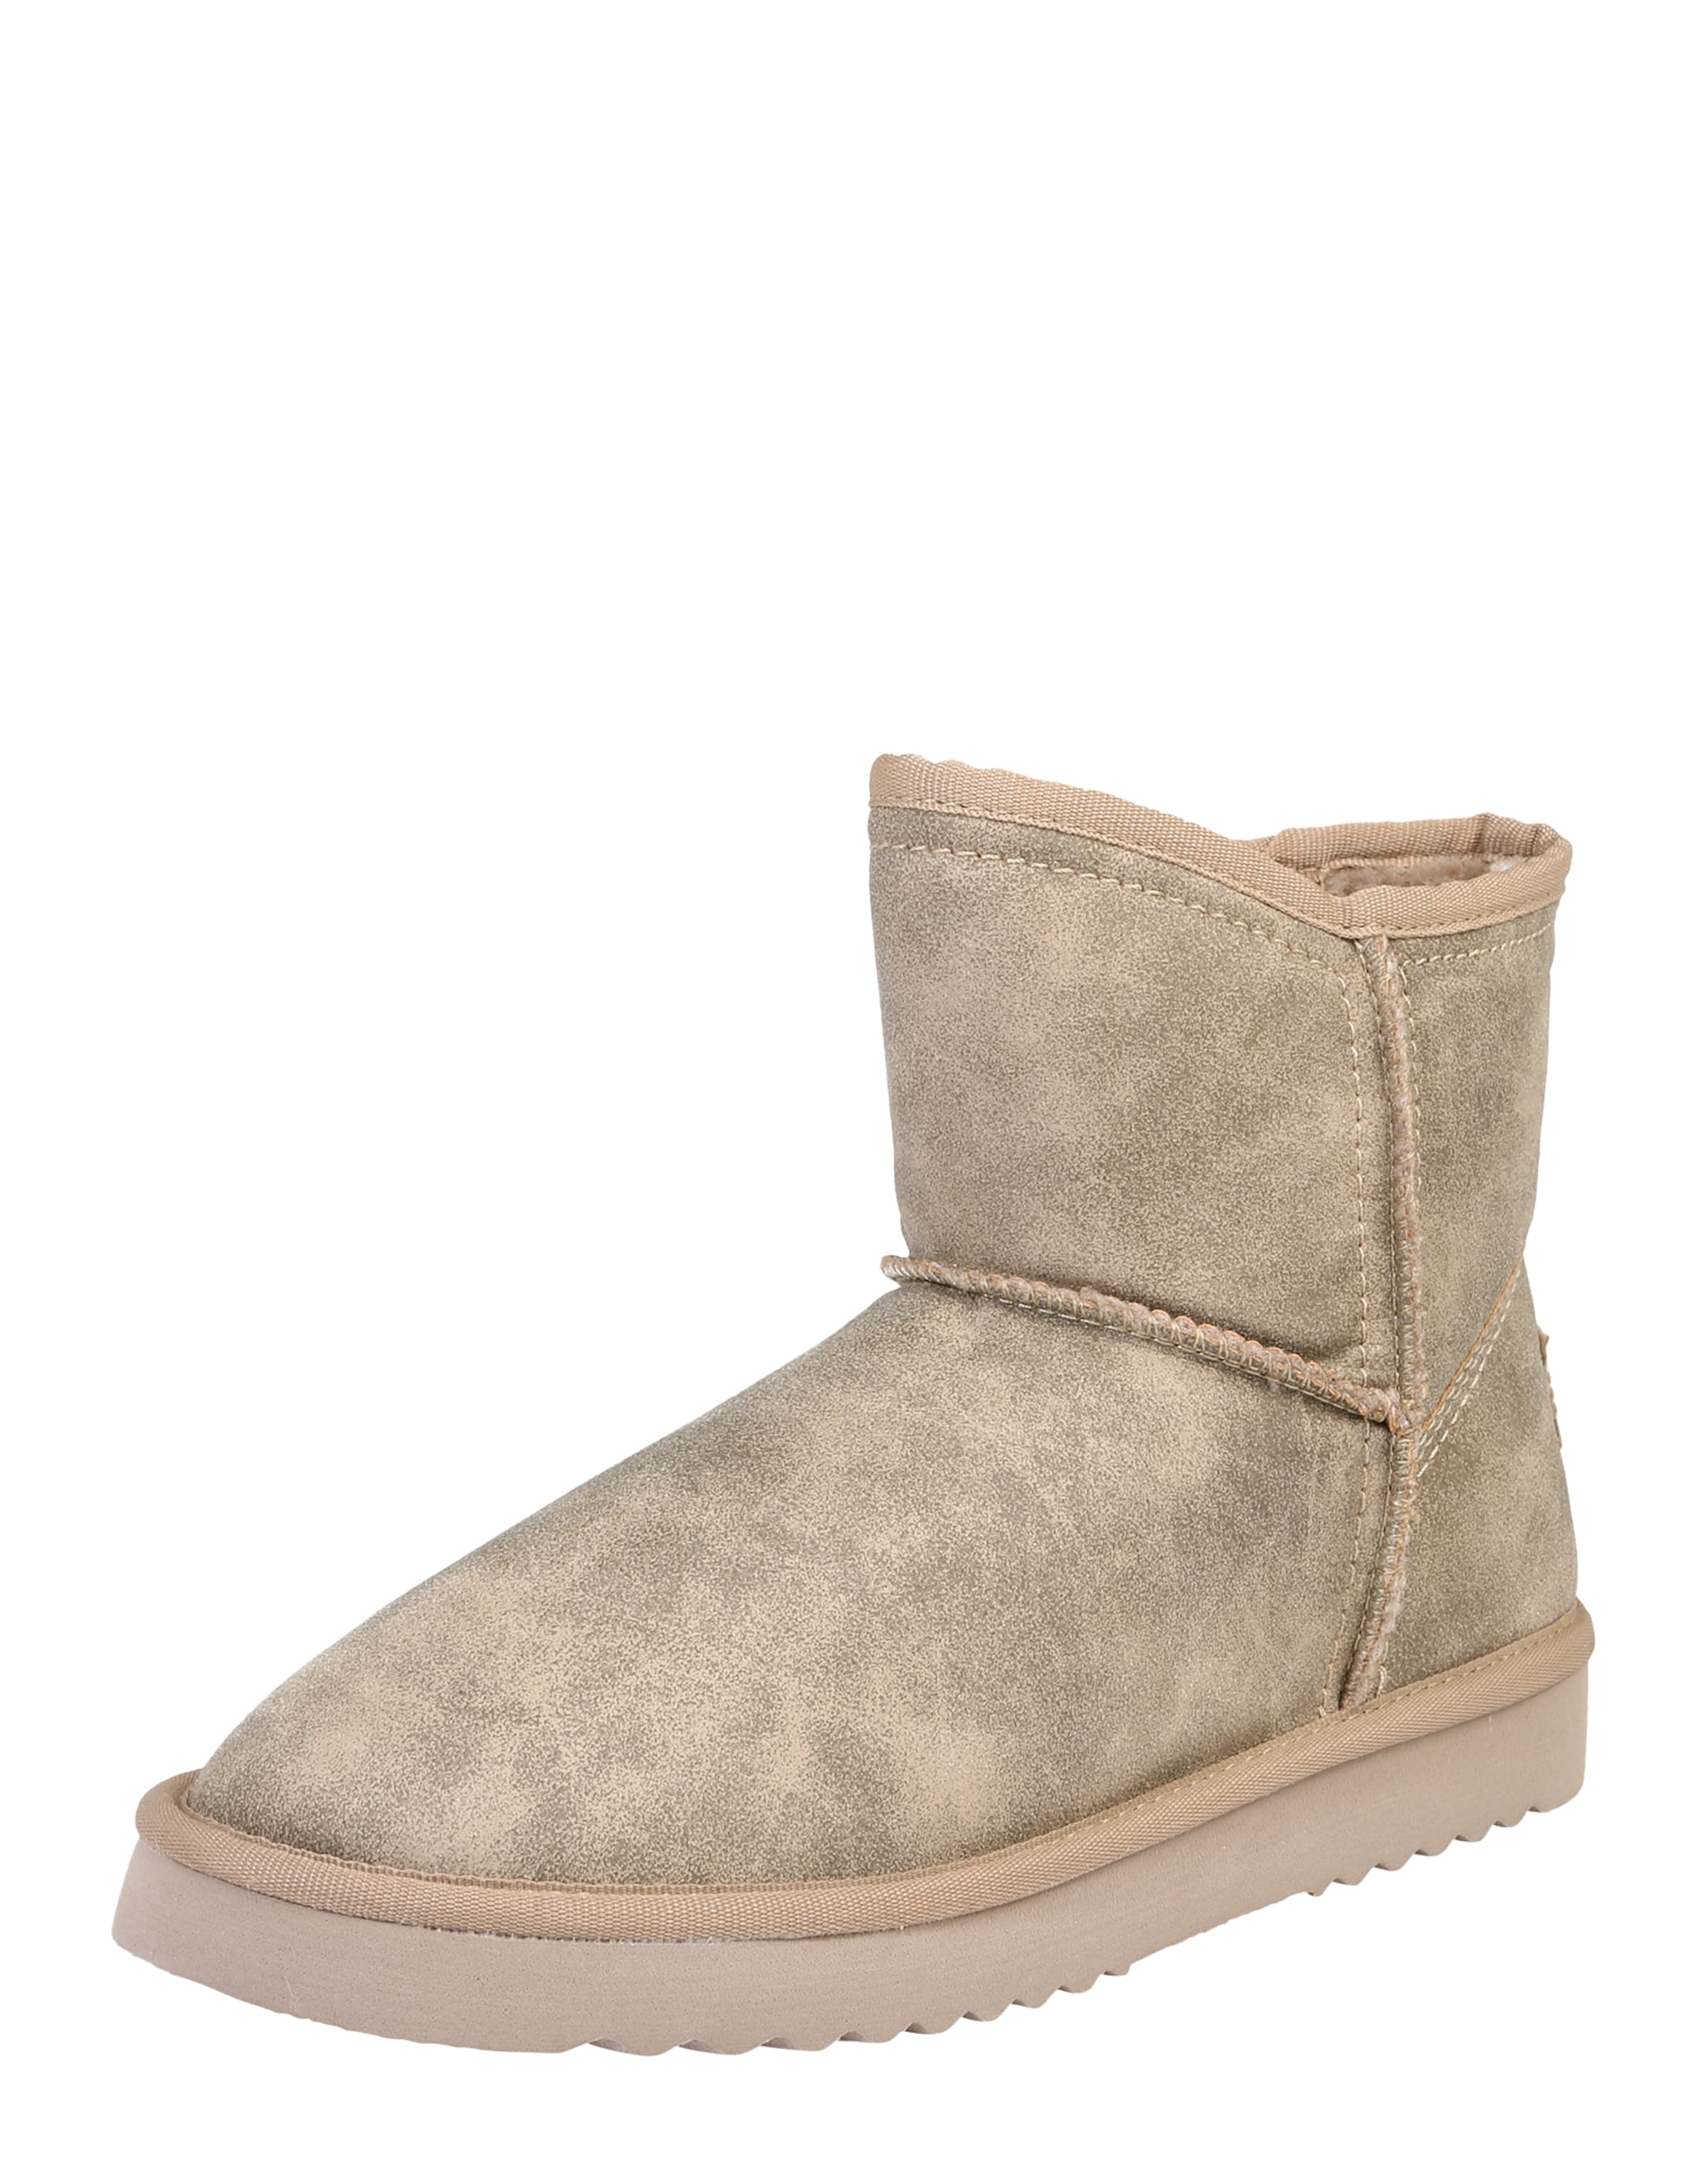 ESPRIT Stiefelette Uma Verschleißfeste billige Schuhe